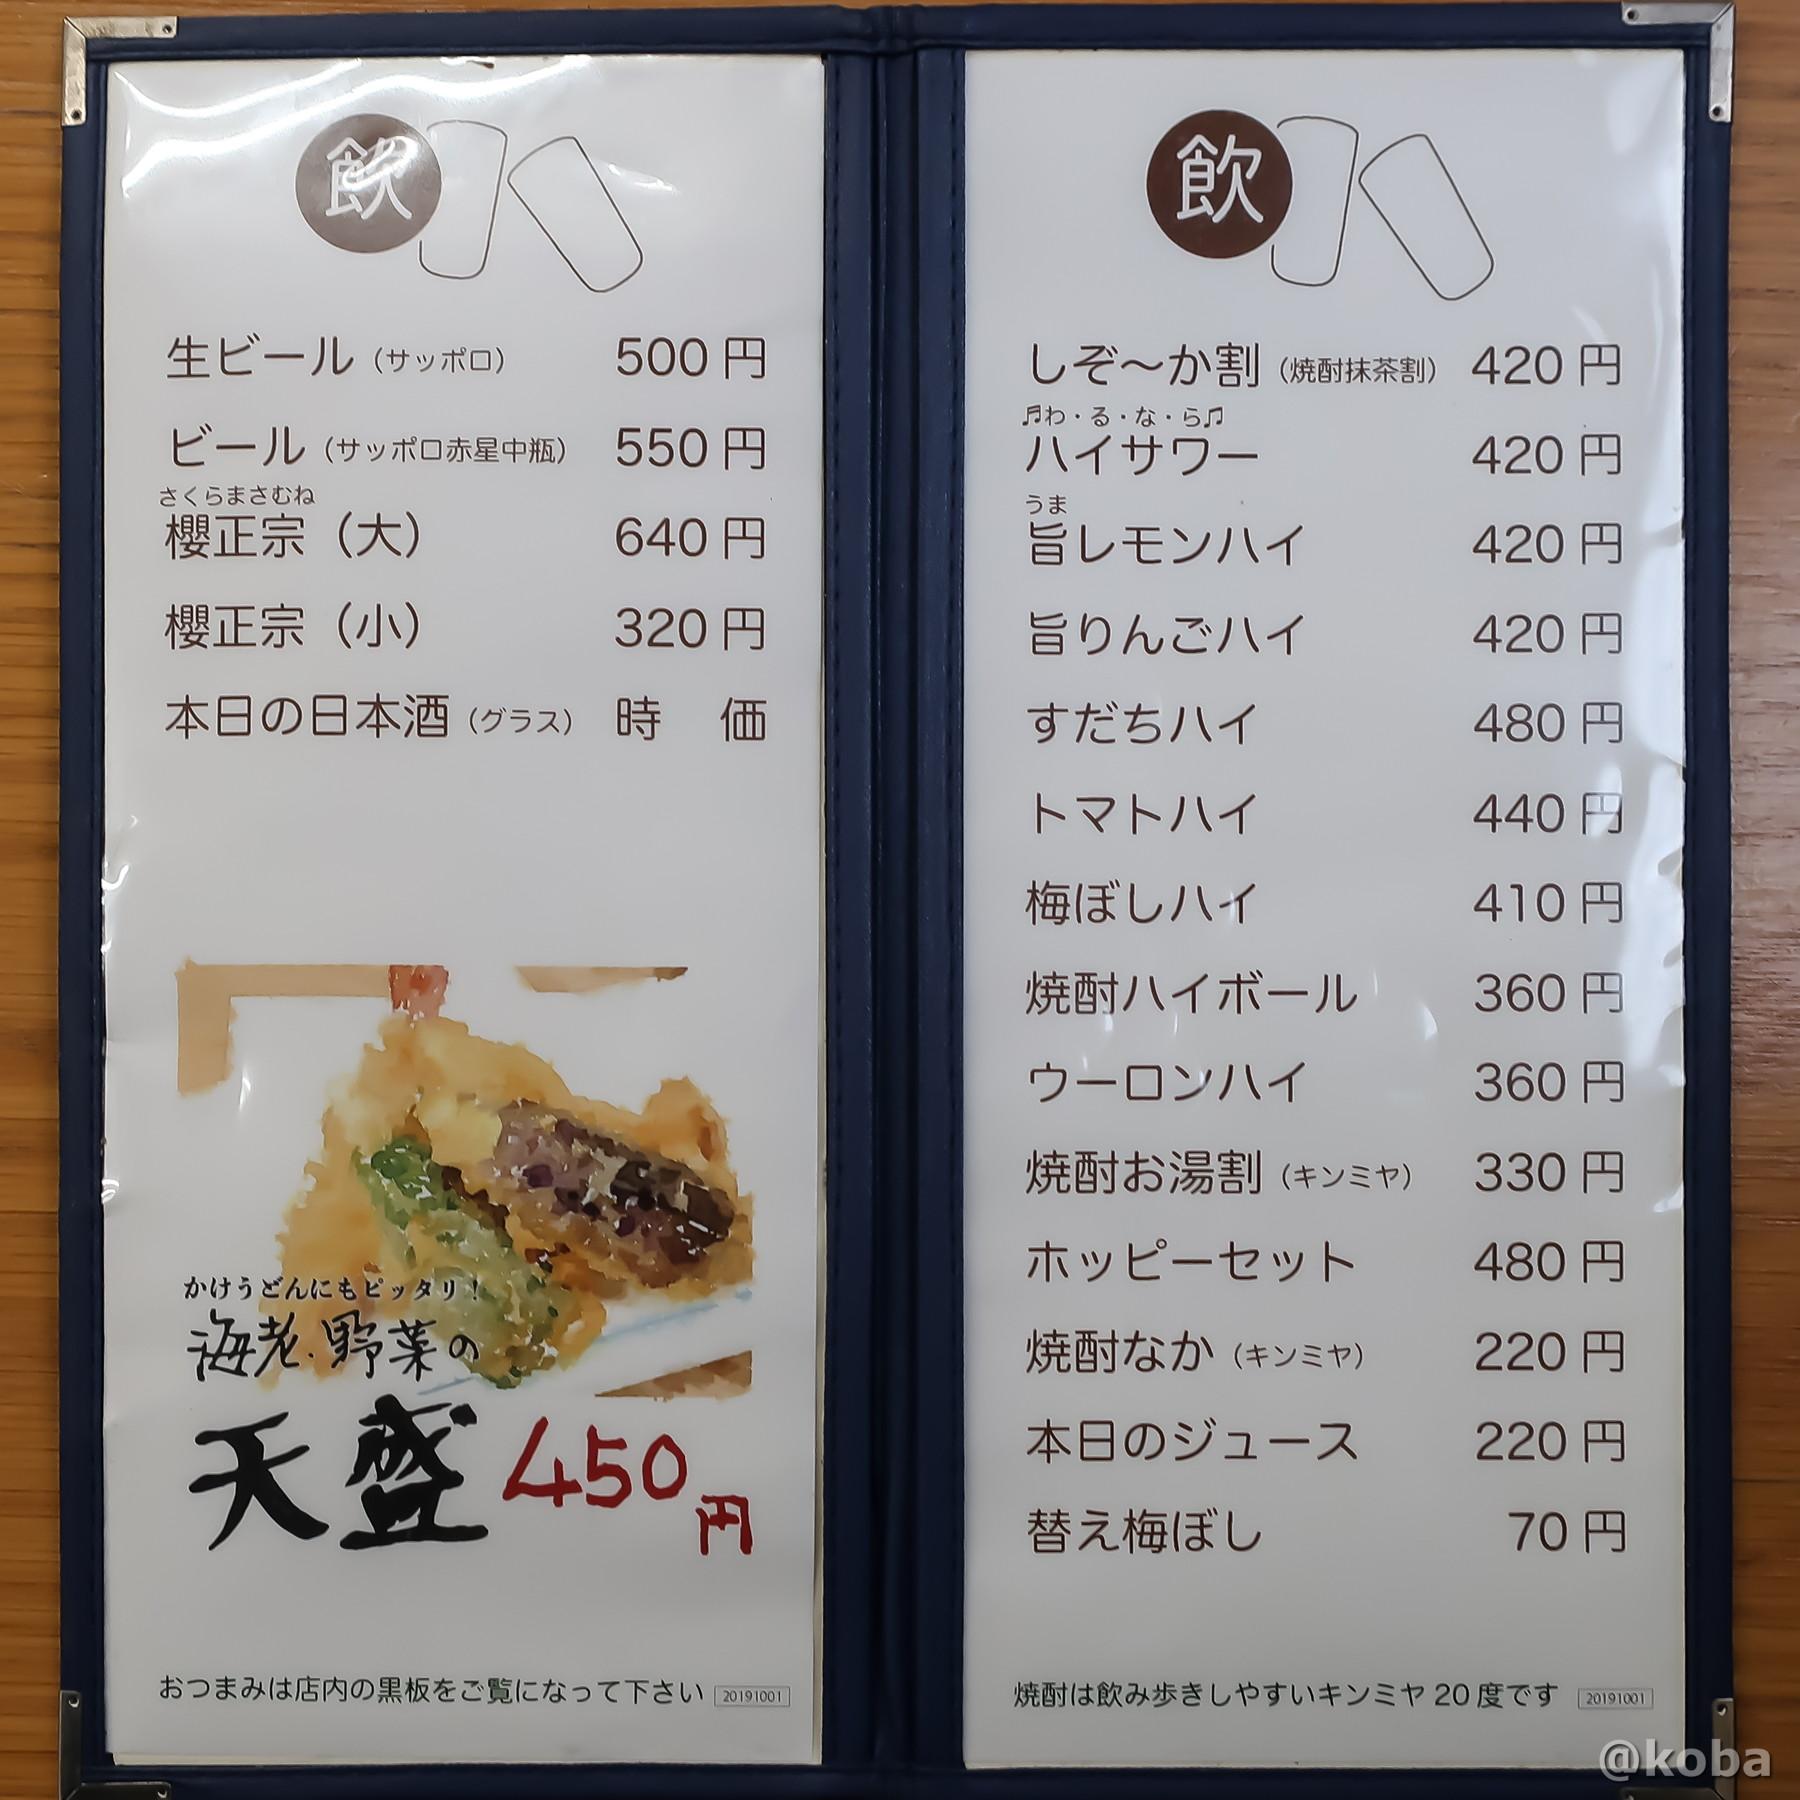 ドリンクメニューの写真 四ツ木製麺所(よつぎせいめんじょ)うどんランチ 食事処 東京都葛飾区・立石